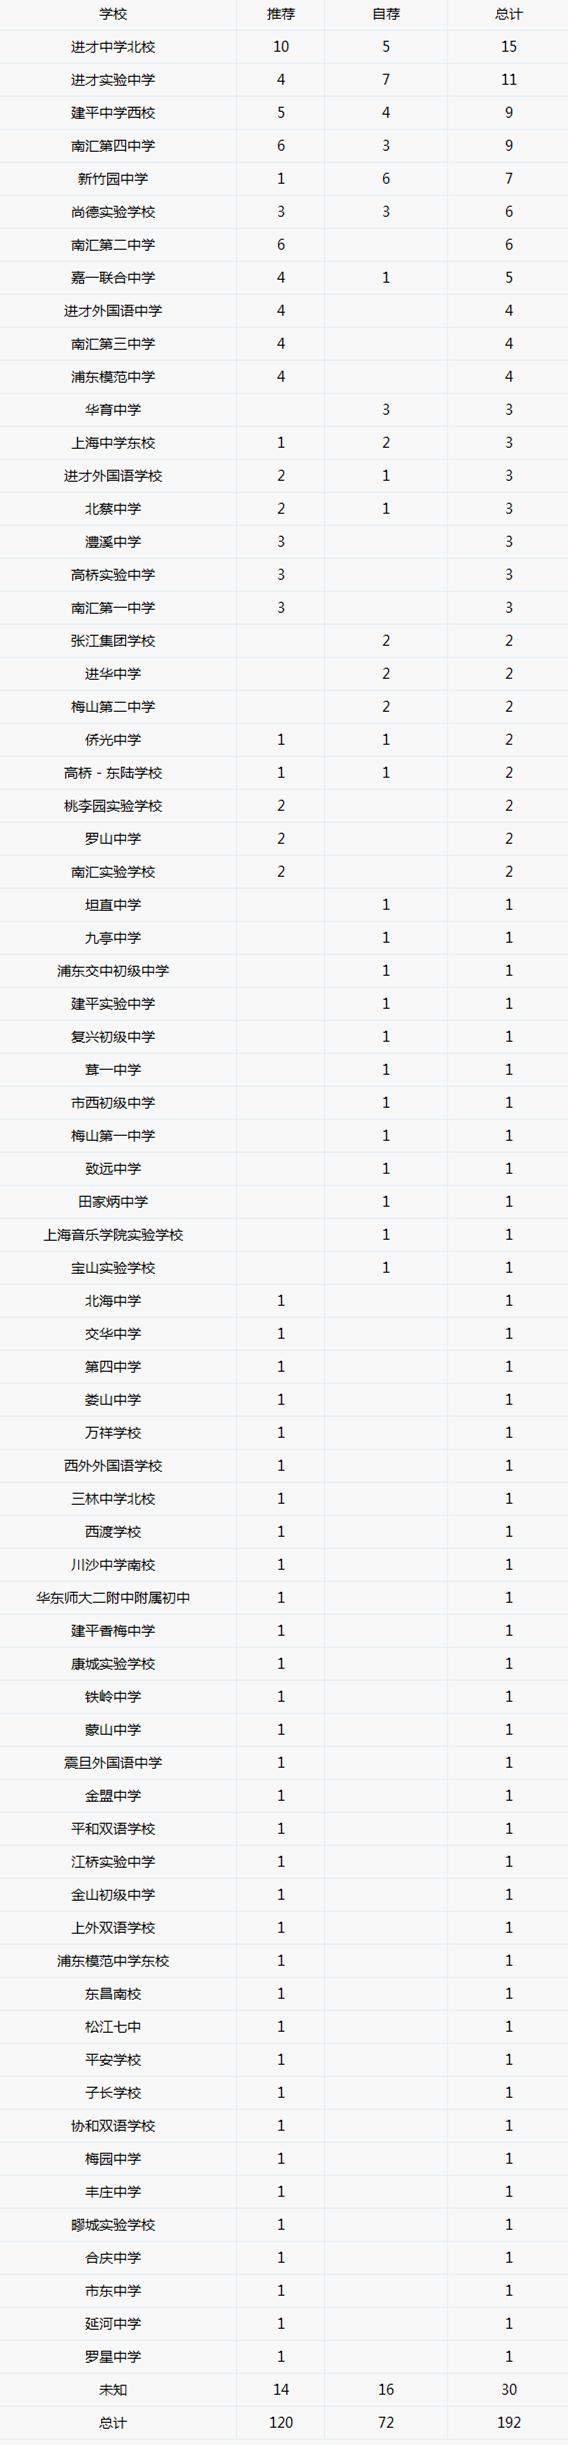 2018年预录取到【上海进才中学】各初中情况一览